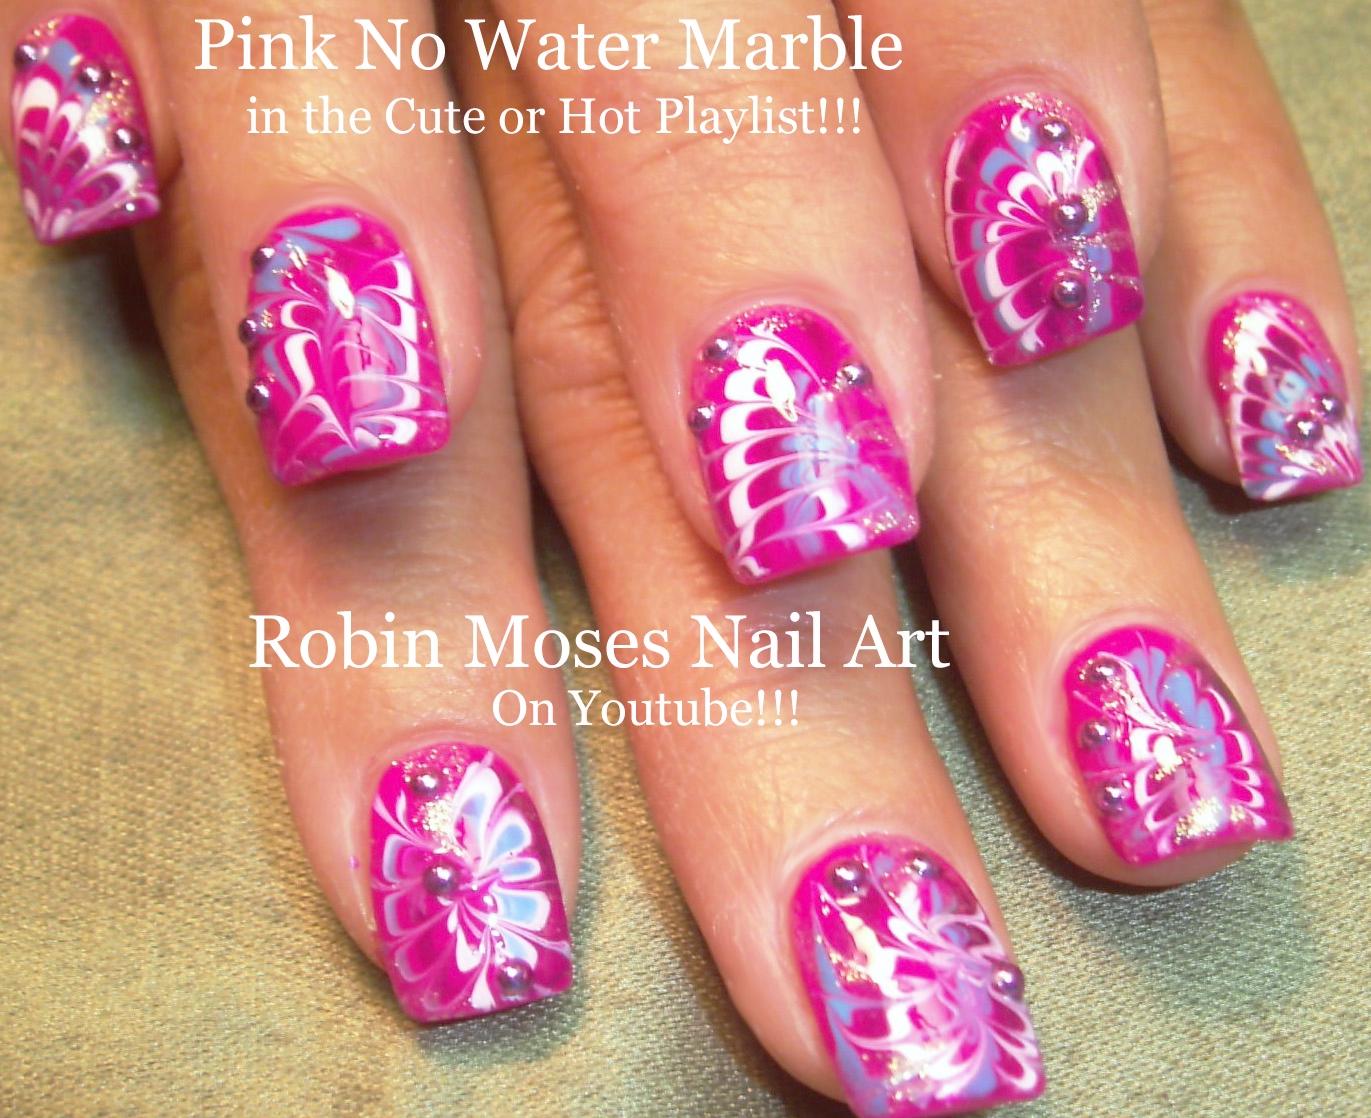 Nail Art by Robin Moses: January 2016